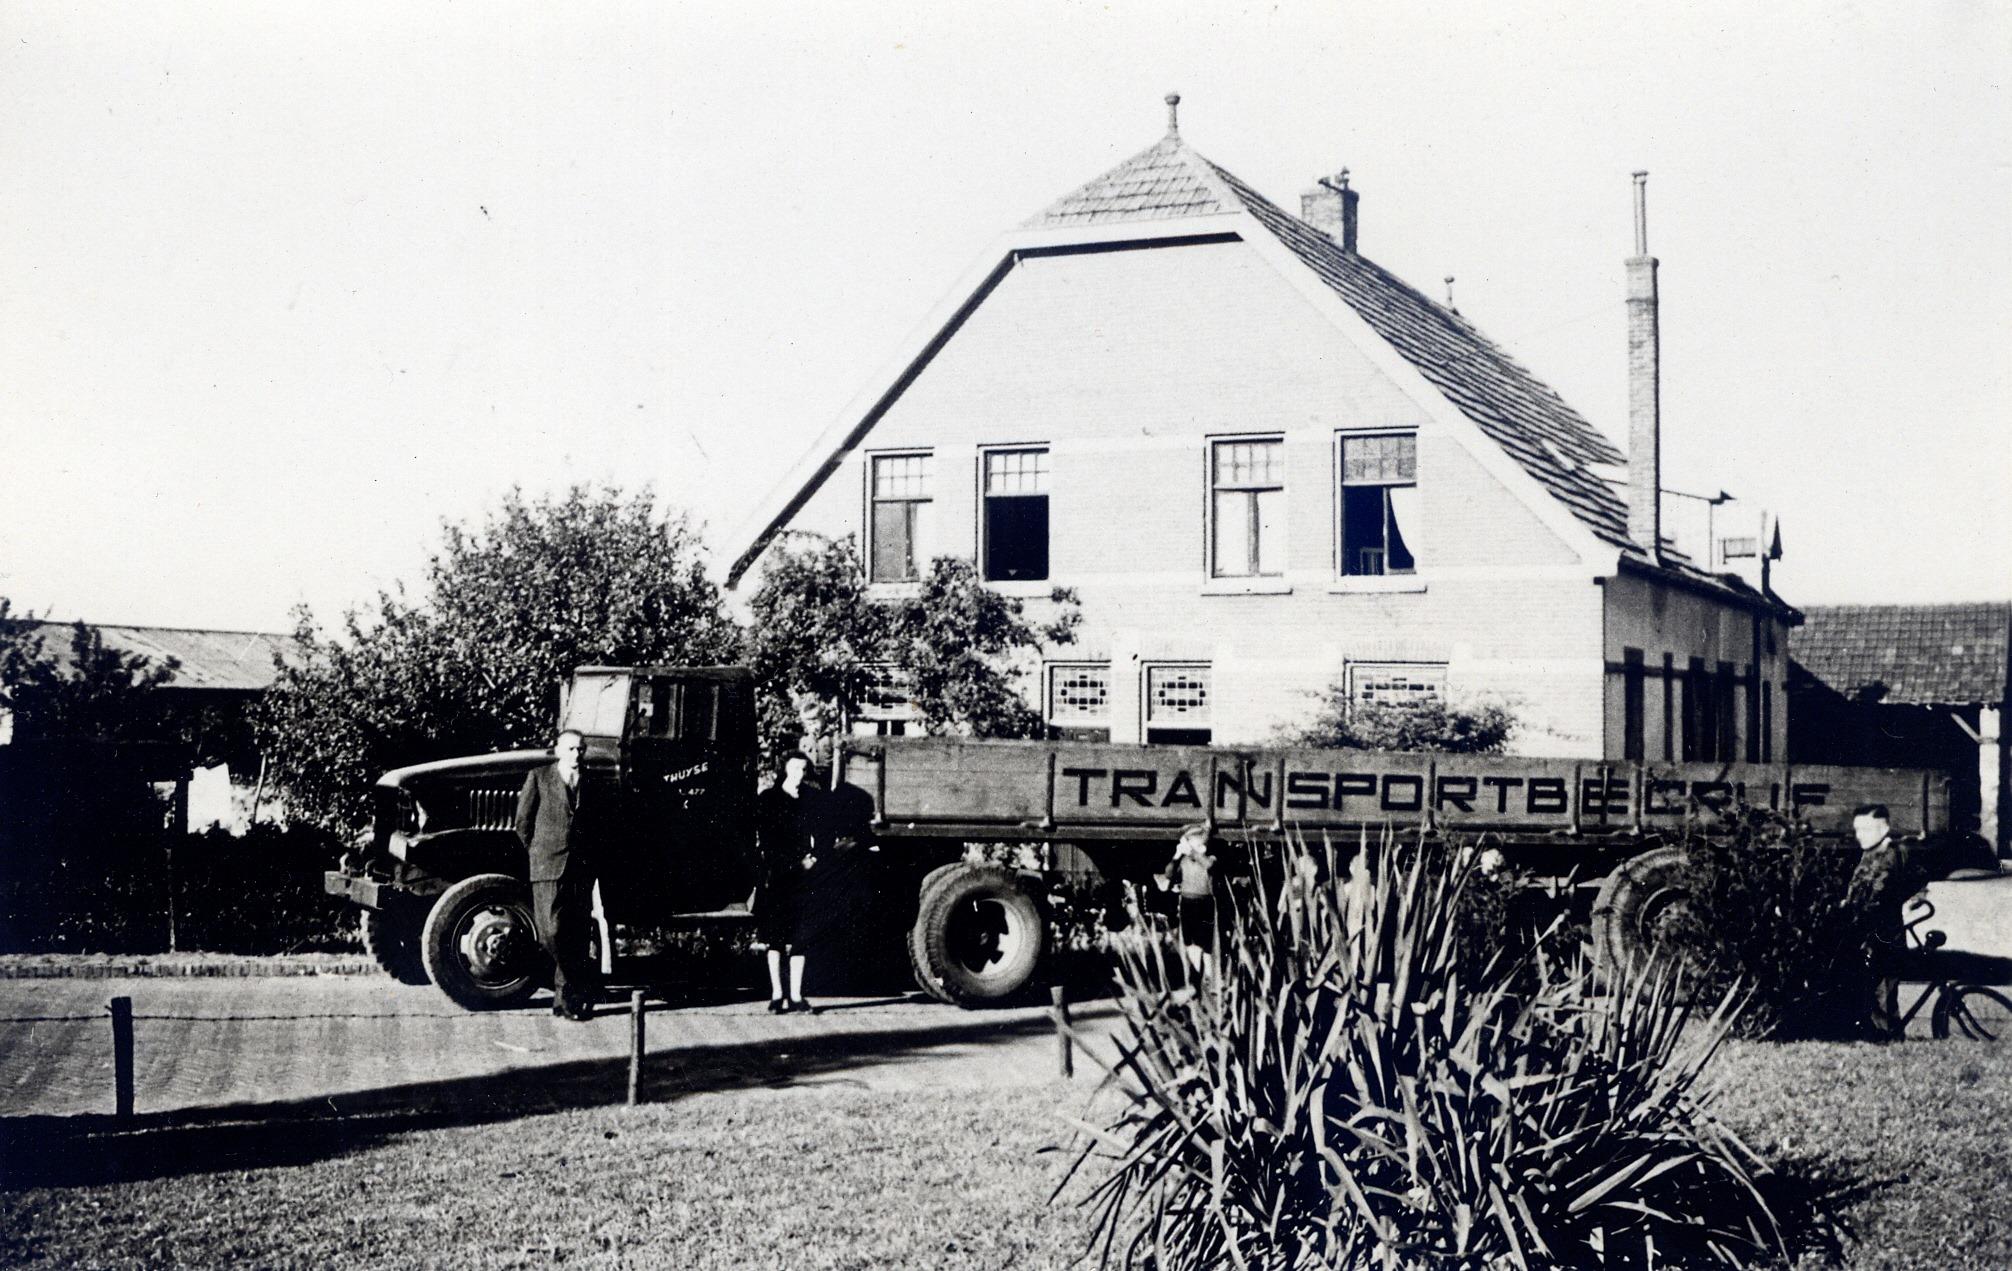 Dit-is-zijn-de-oudste-fotos-van-de-firma-die-ik-heb--Theo-Groothuijse-archief.-3